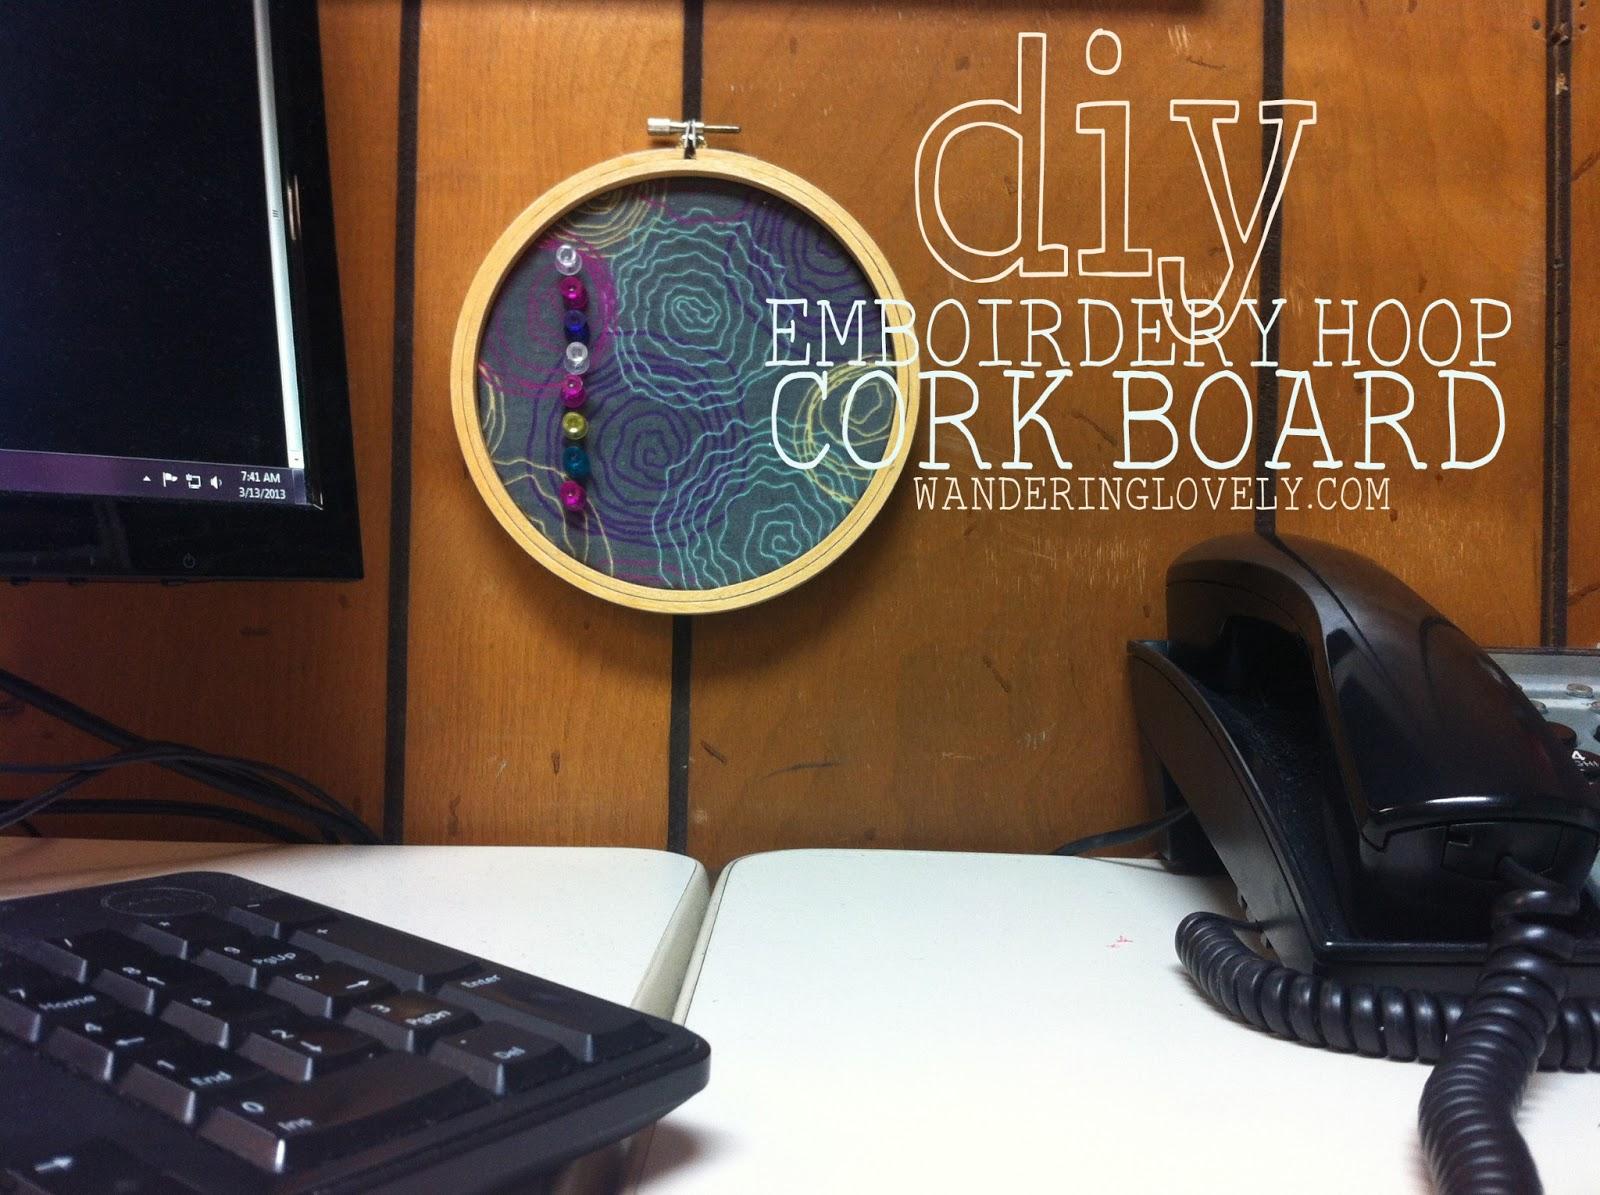 diy embroidery hoop cork board